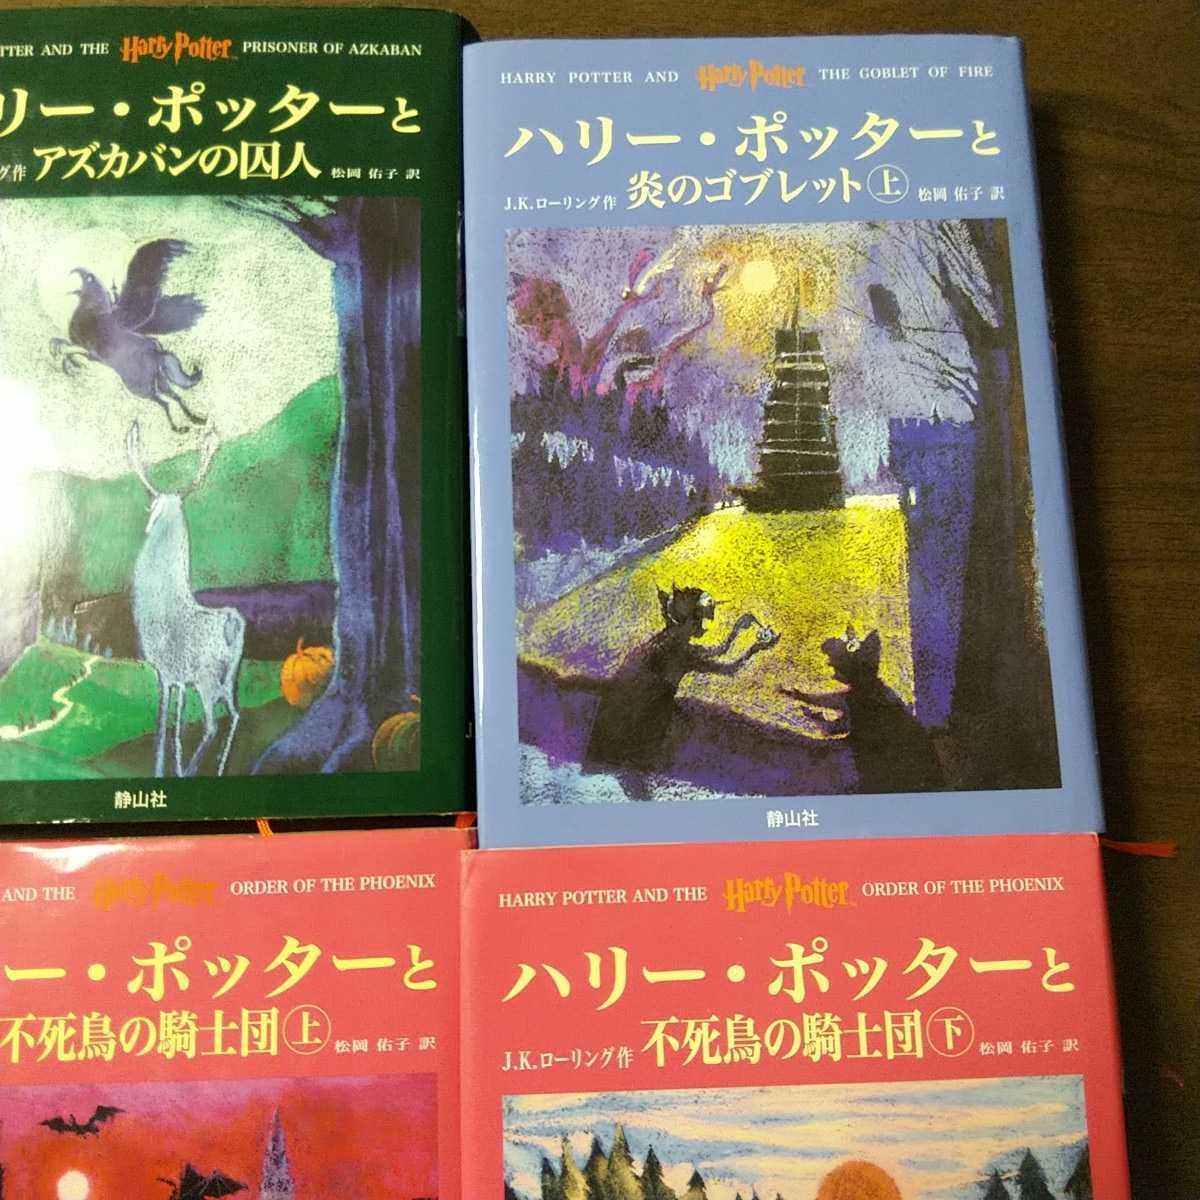 ハリーポッター 単行本 静山社 6冊